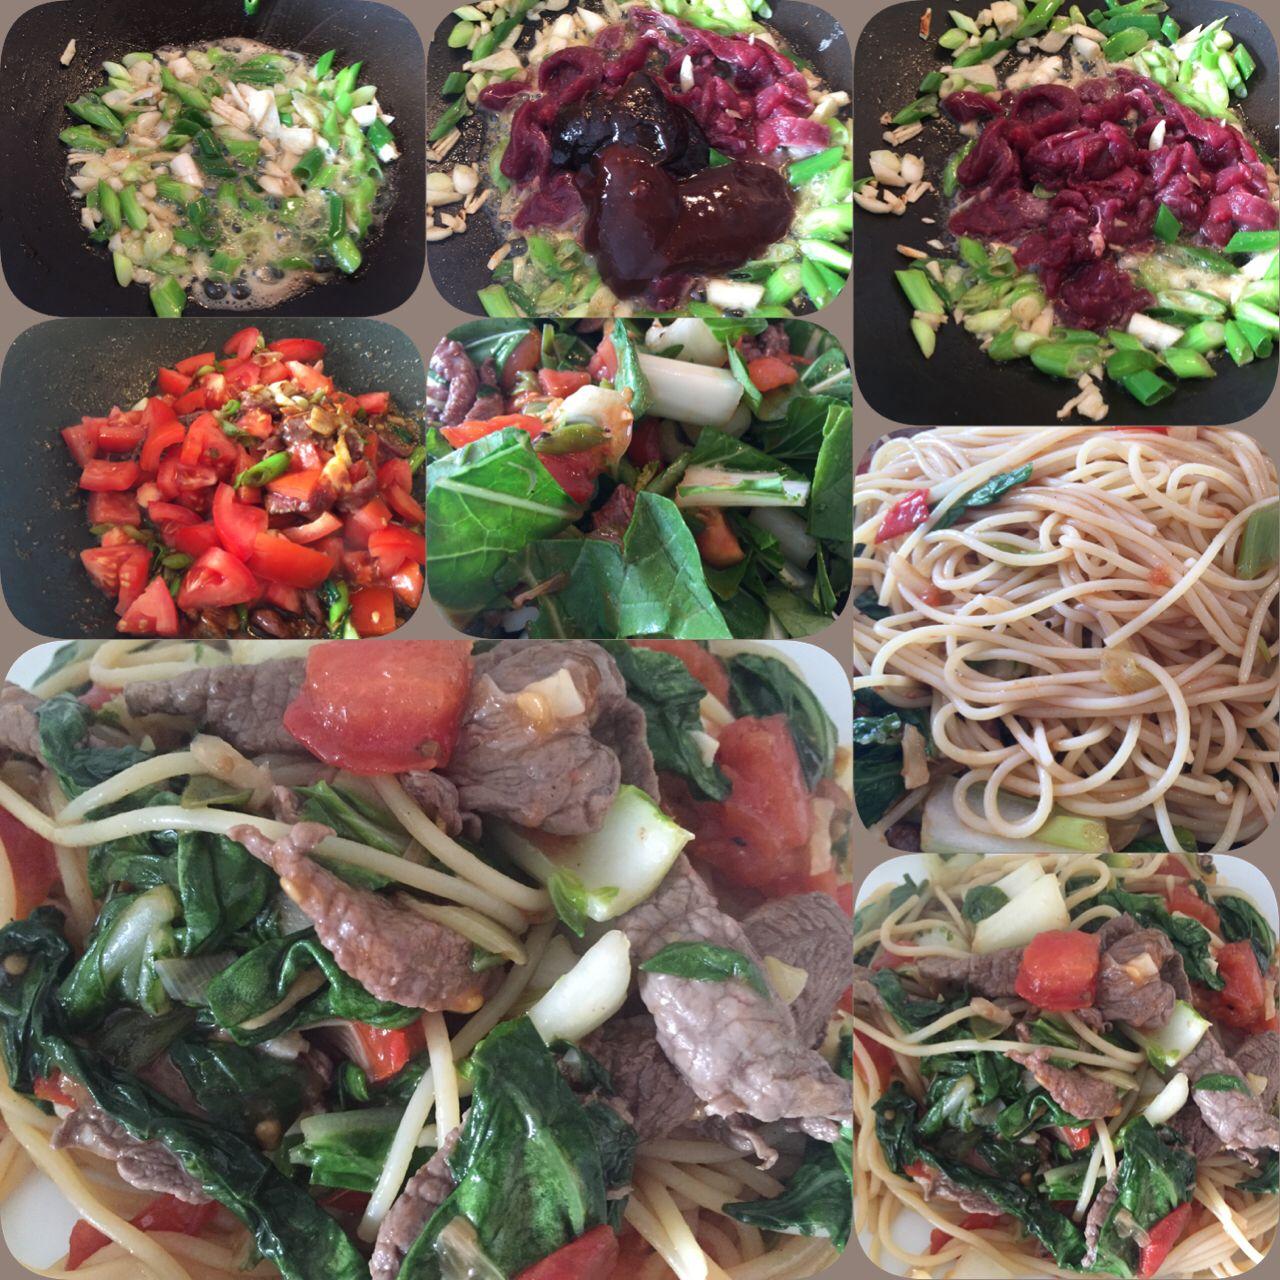 Spaghetti als bami gewokt met wildvlees bosuitjes tomaten en bladgroente met sauzen van @Chansbv. Smakelijke groet @Kookmetmij